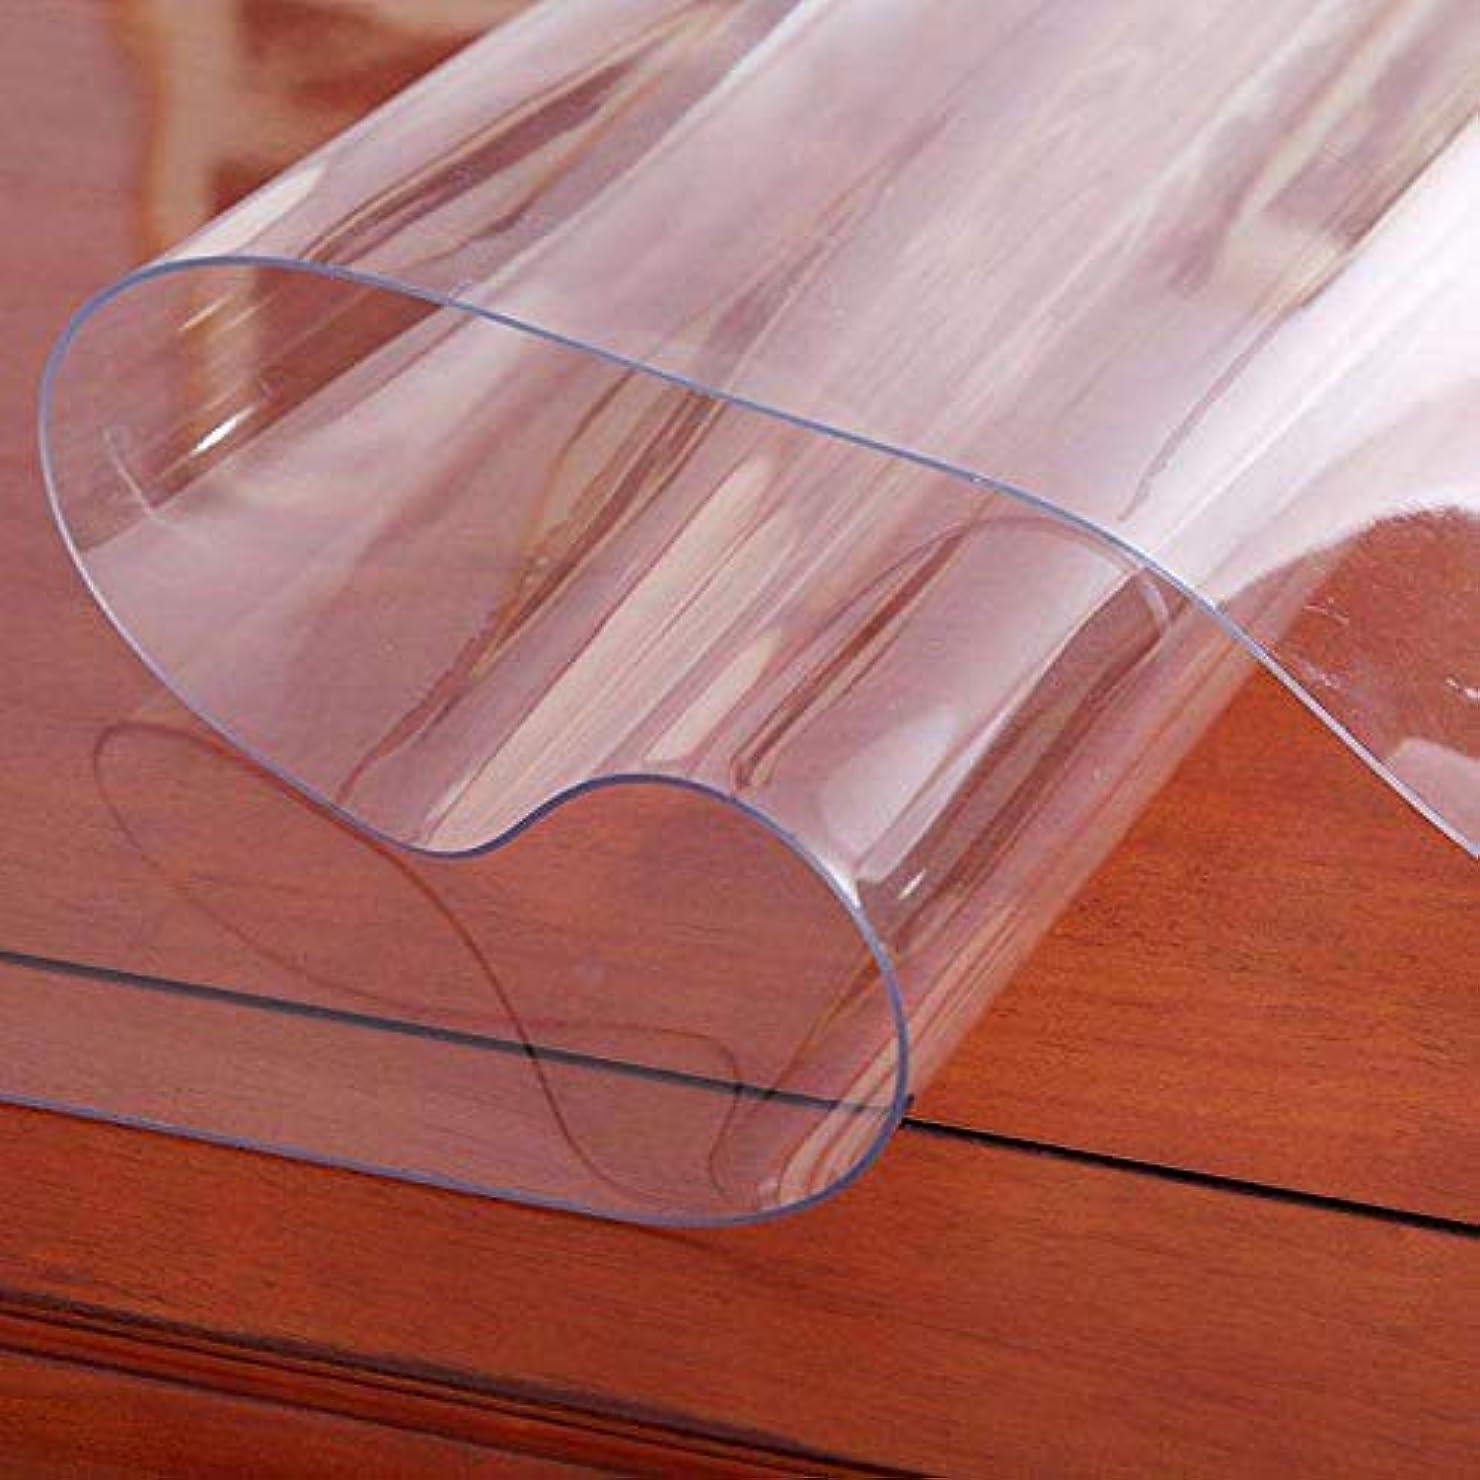 ほのめかす病気サポートチェアマット冷蔵庫 マット キズ防止 凹み防止 床保護マット 透明PVC マット デスク 椅子の下に敷くマット 傷防止滑り止め 机下/椅子/フロア/畳/床暖房対応900*600(mm) …